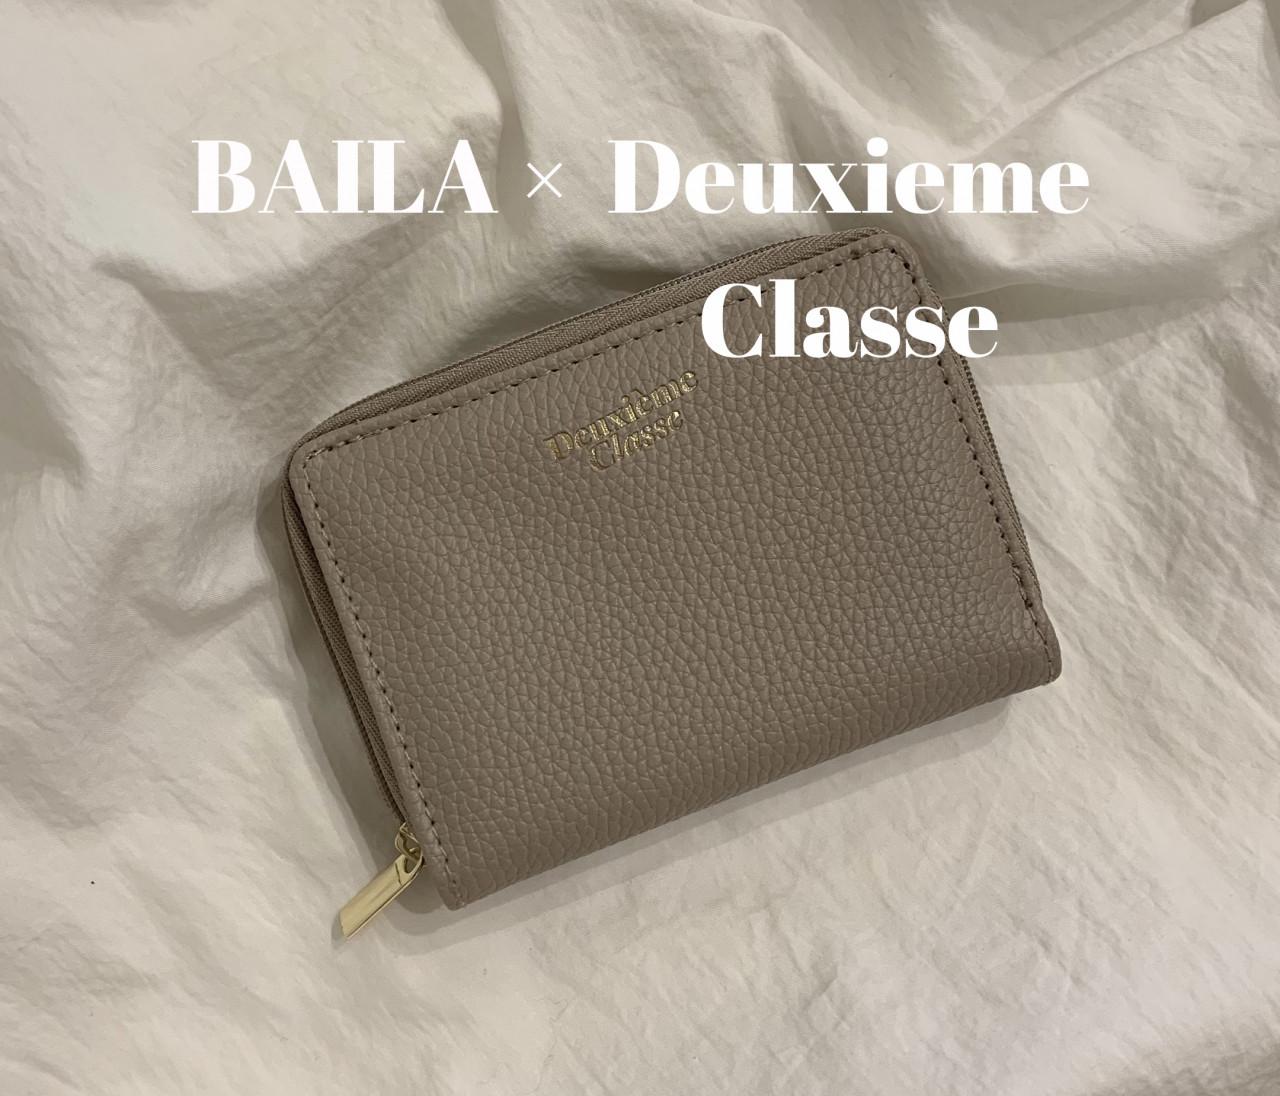 4月号付録は『Deuxieme Classe』ミニ財布♡